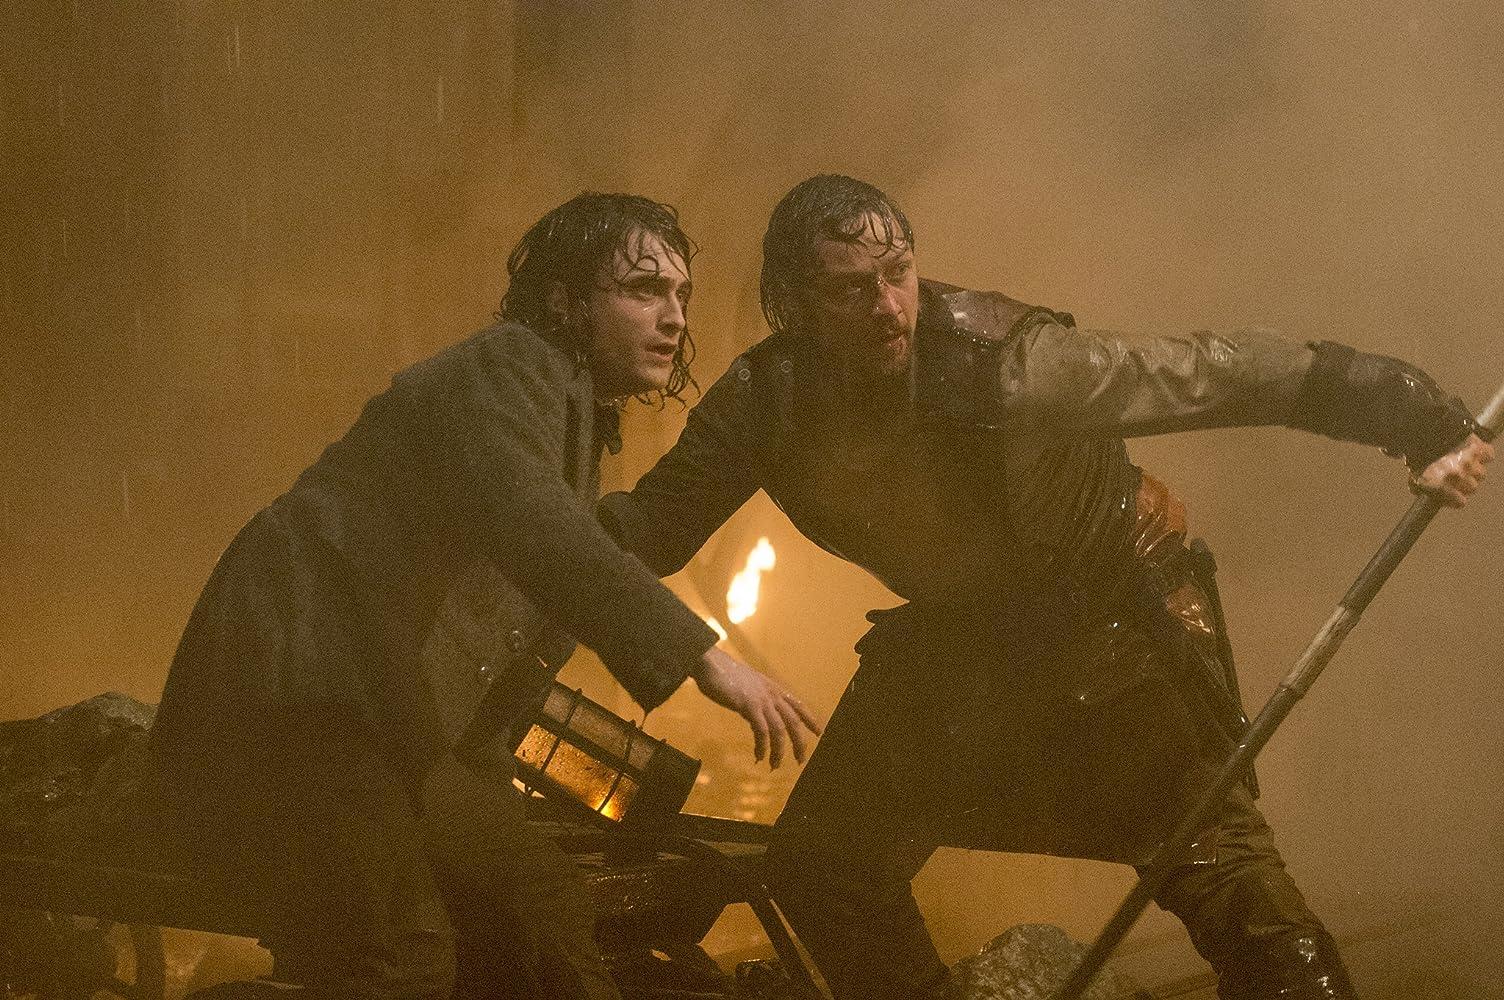 James McAvoy and Daniel Radcliffe in Victor Frankenstein (2015)